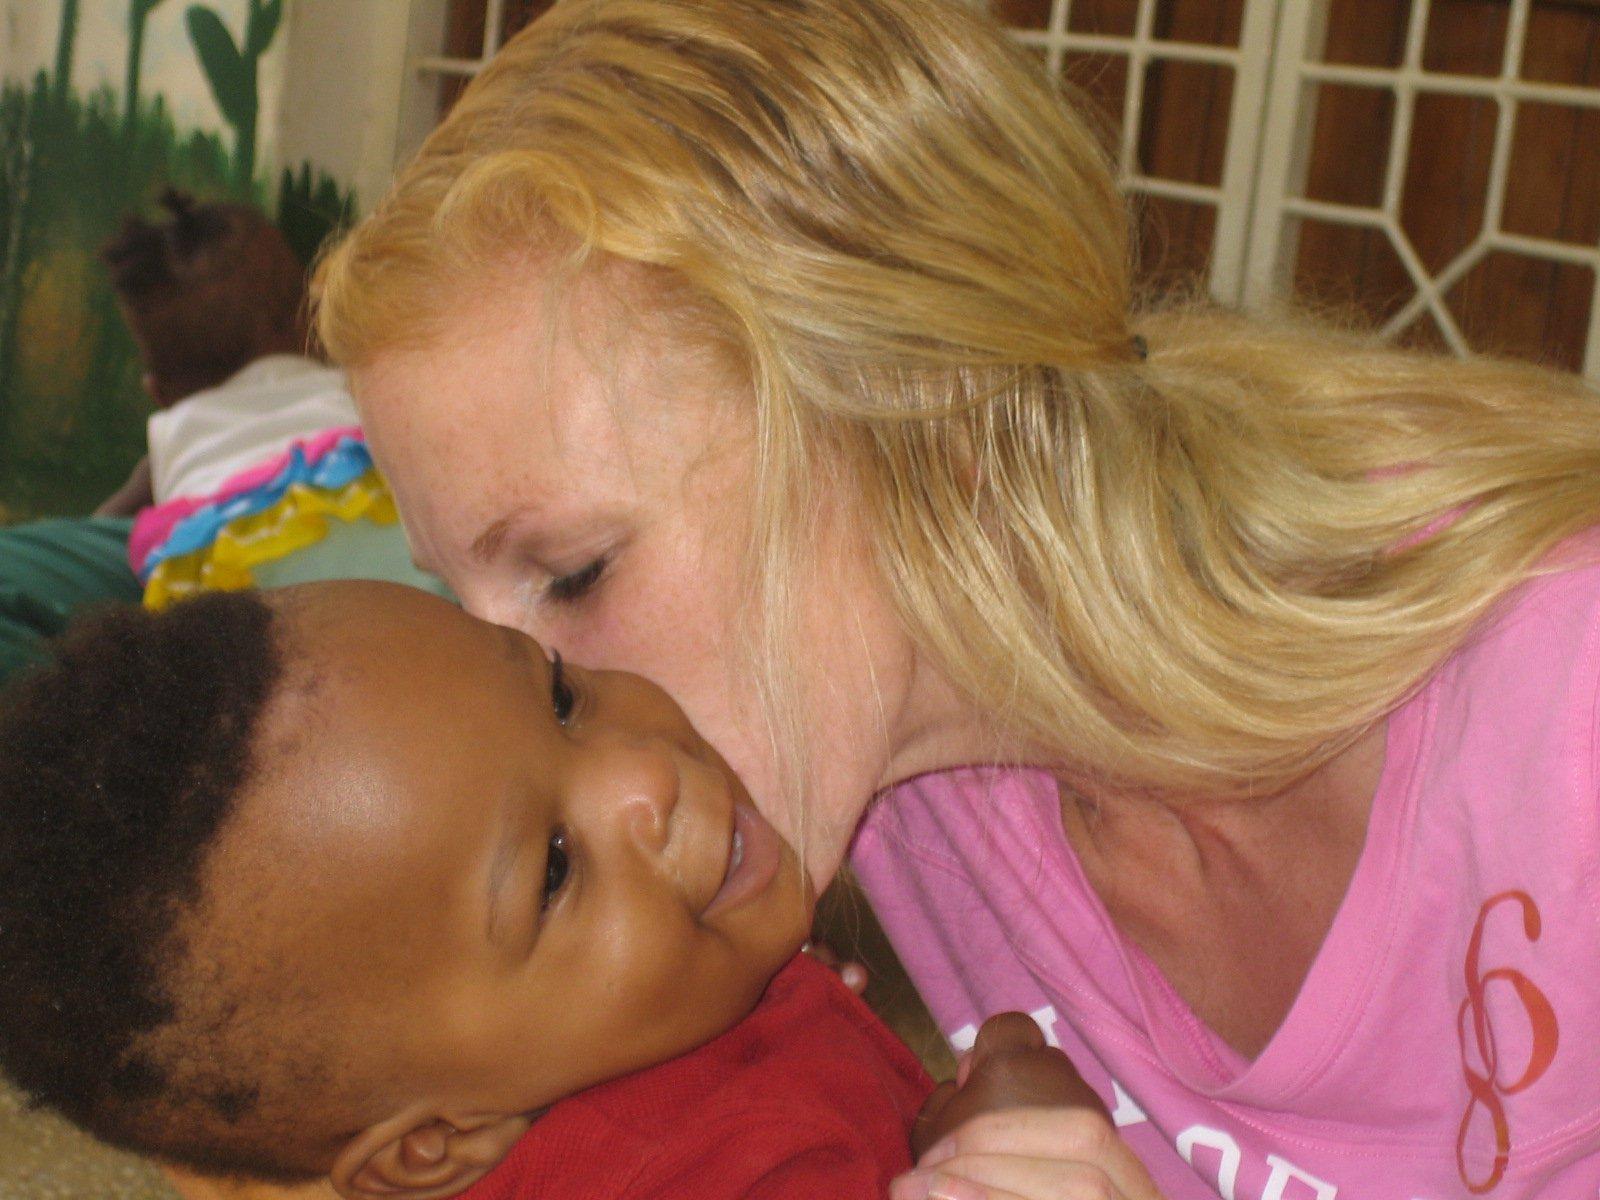 Ciara - LMFT, repeat volunteer at the Baby Home